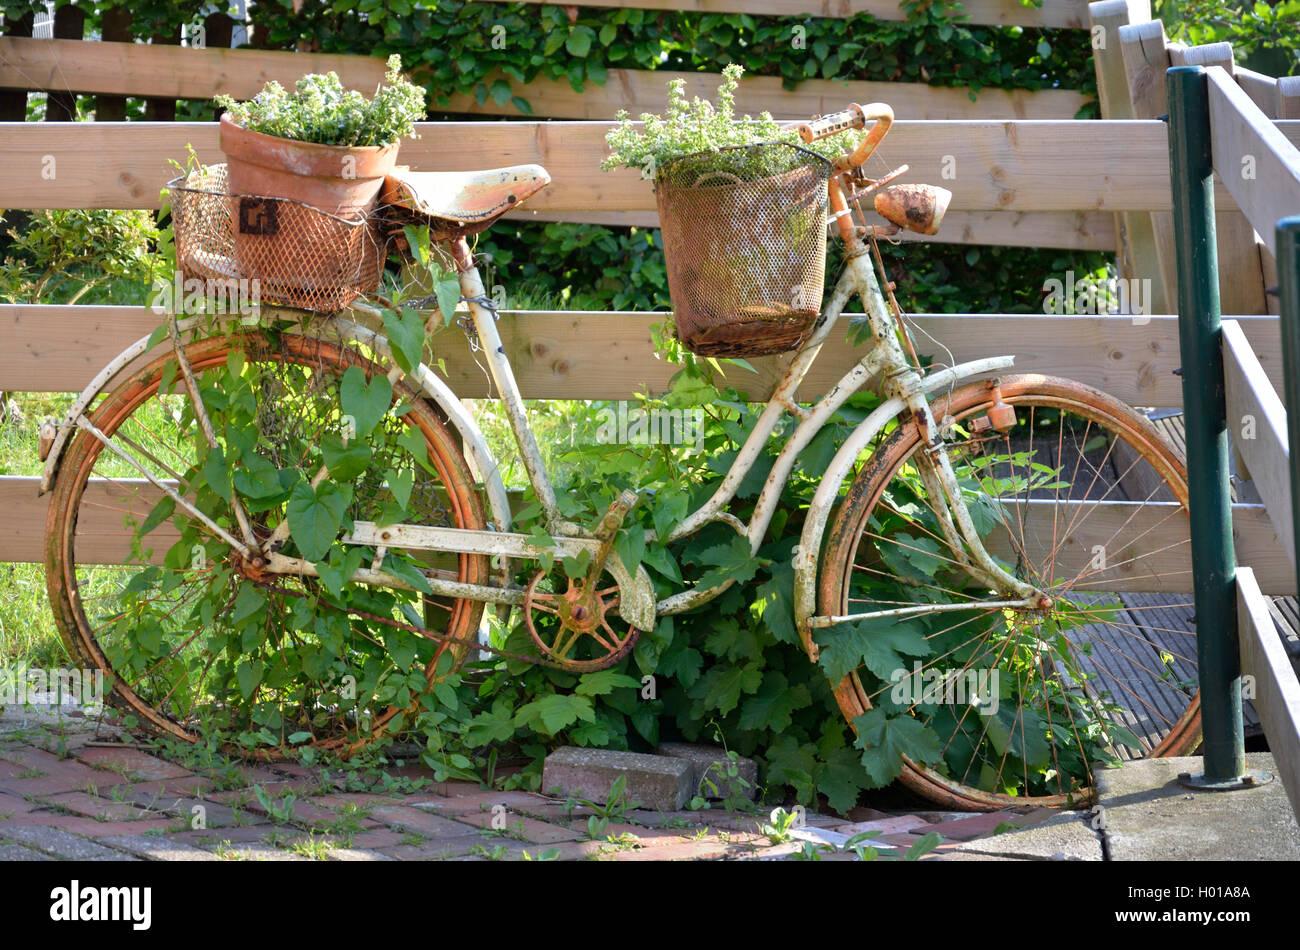 Shabby Chic, Bepflanztes Fahrrad Im Vintage-Look, Deutschland, Niedersachsen, Greetsiel | Shabby Chic, pflanzte Stockbild